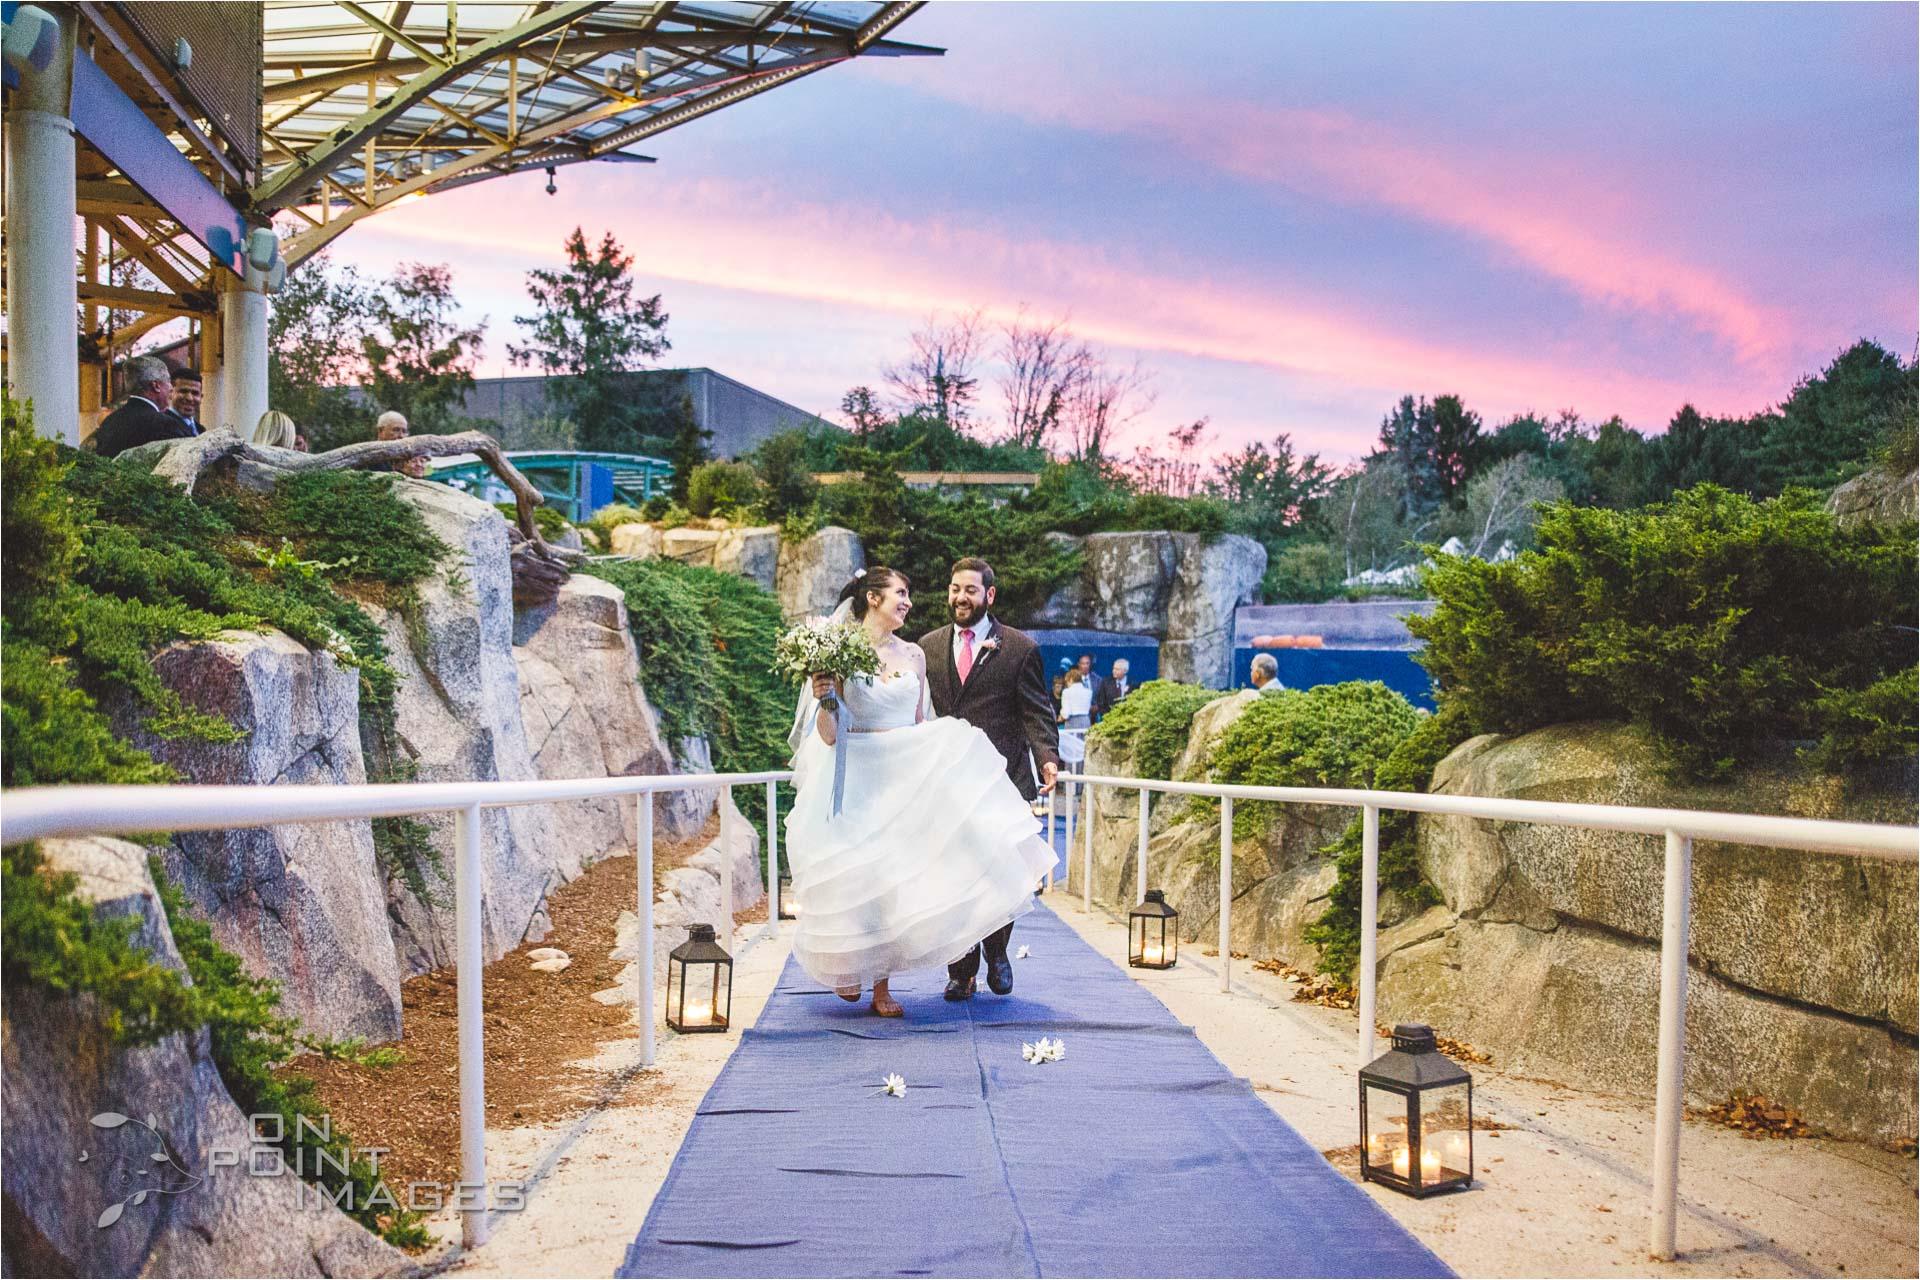 mystic-aquarium-wedding-photographs-28.jpg